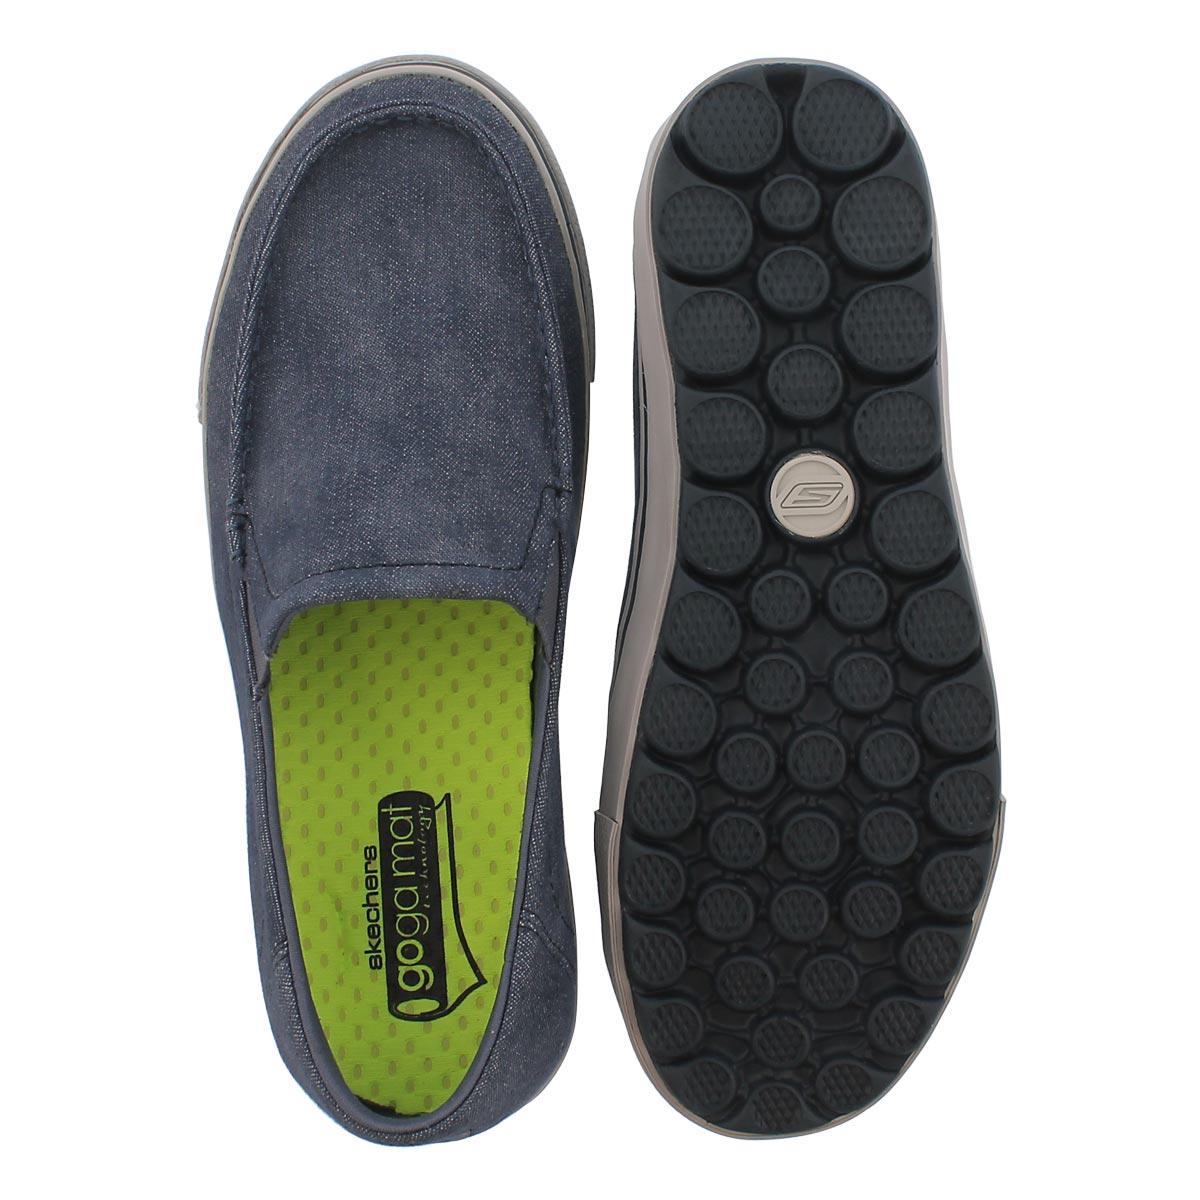 Mns GO Vulc Tour navy slip on loafer